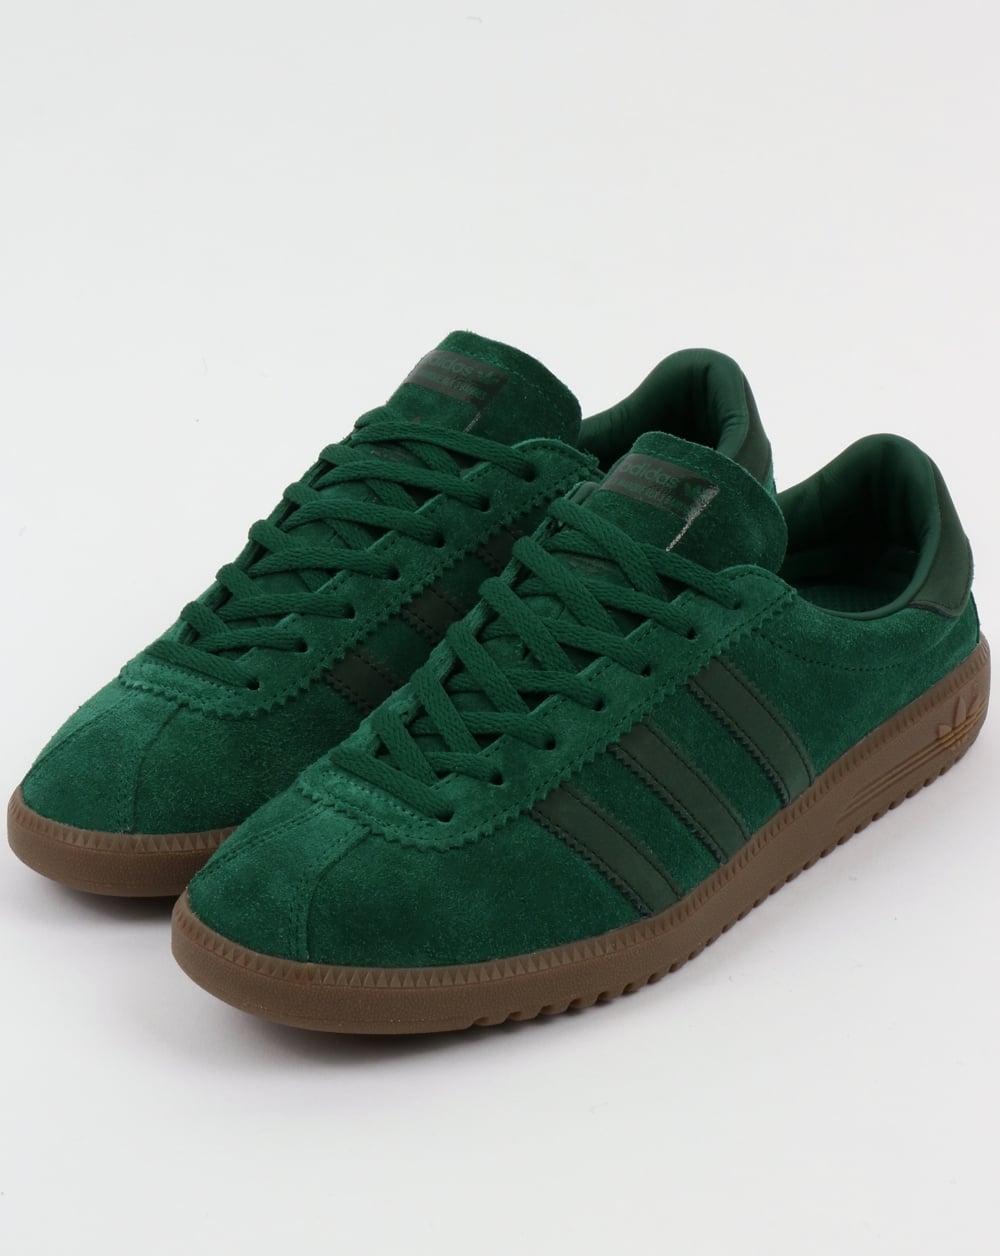 adidas gazelle green night